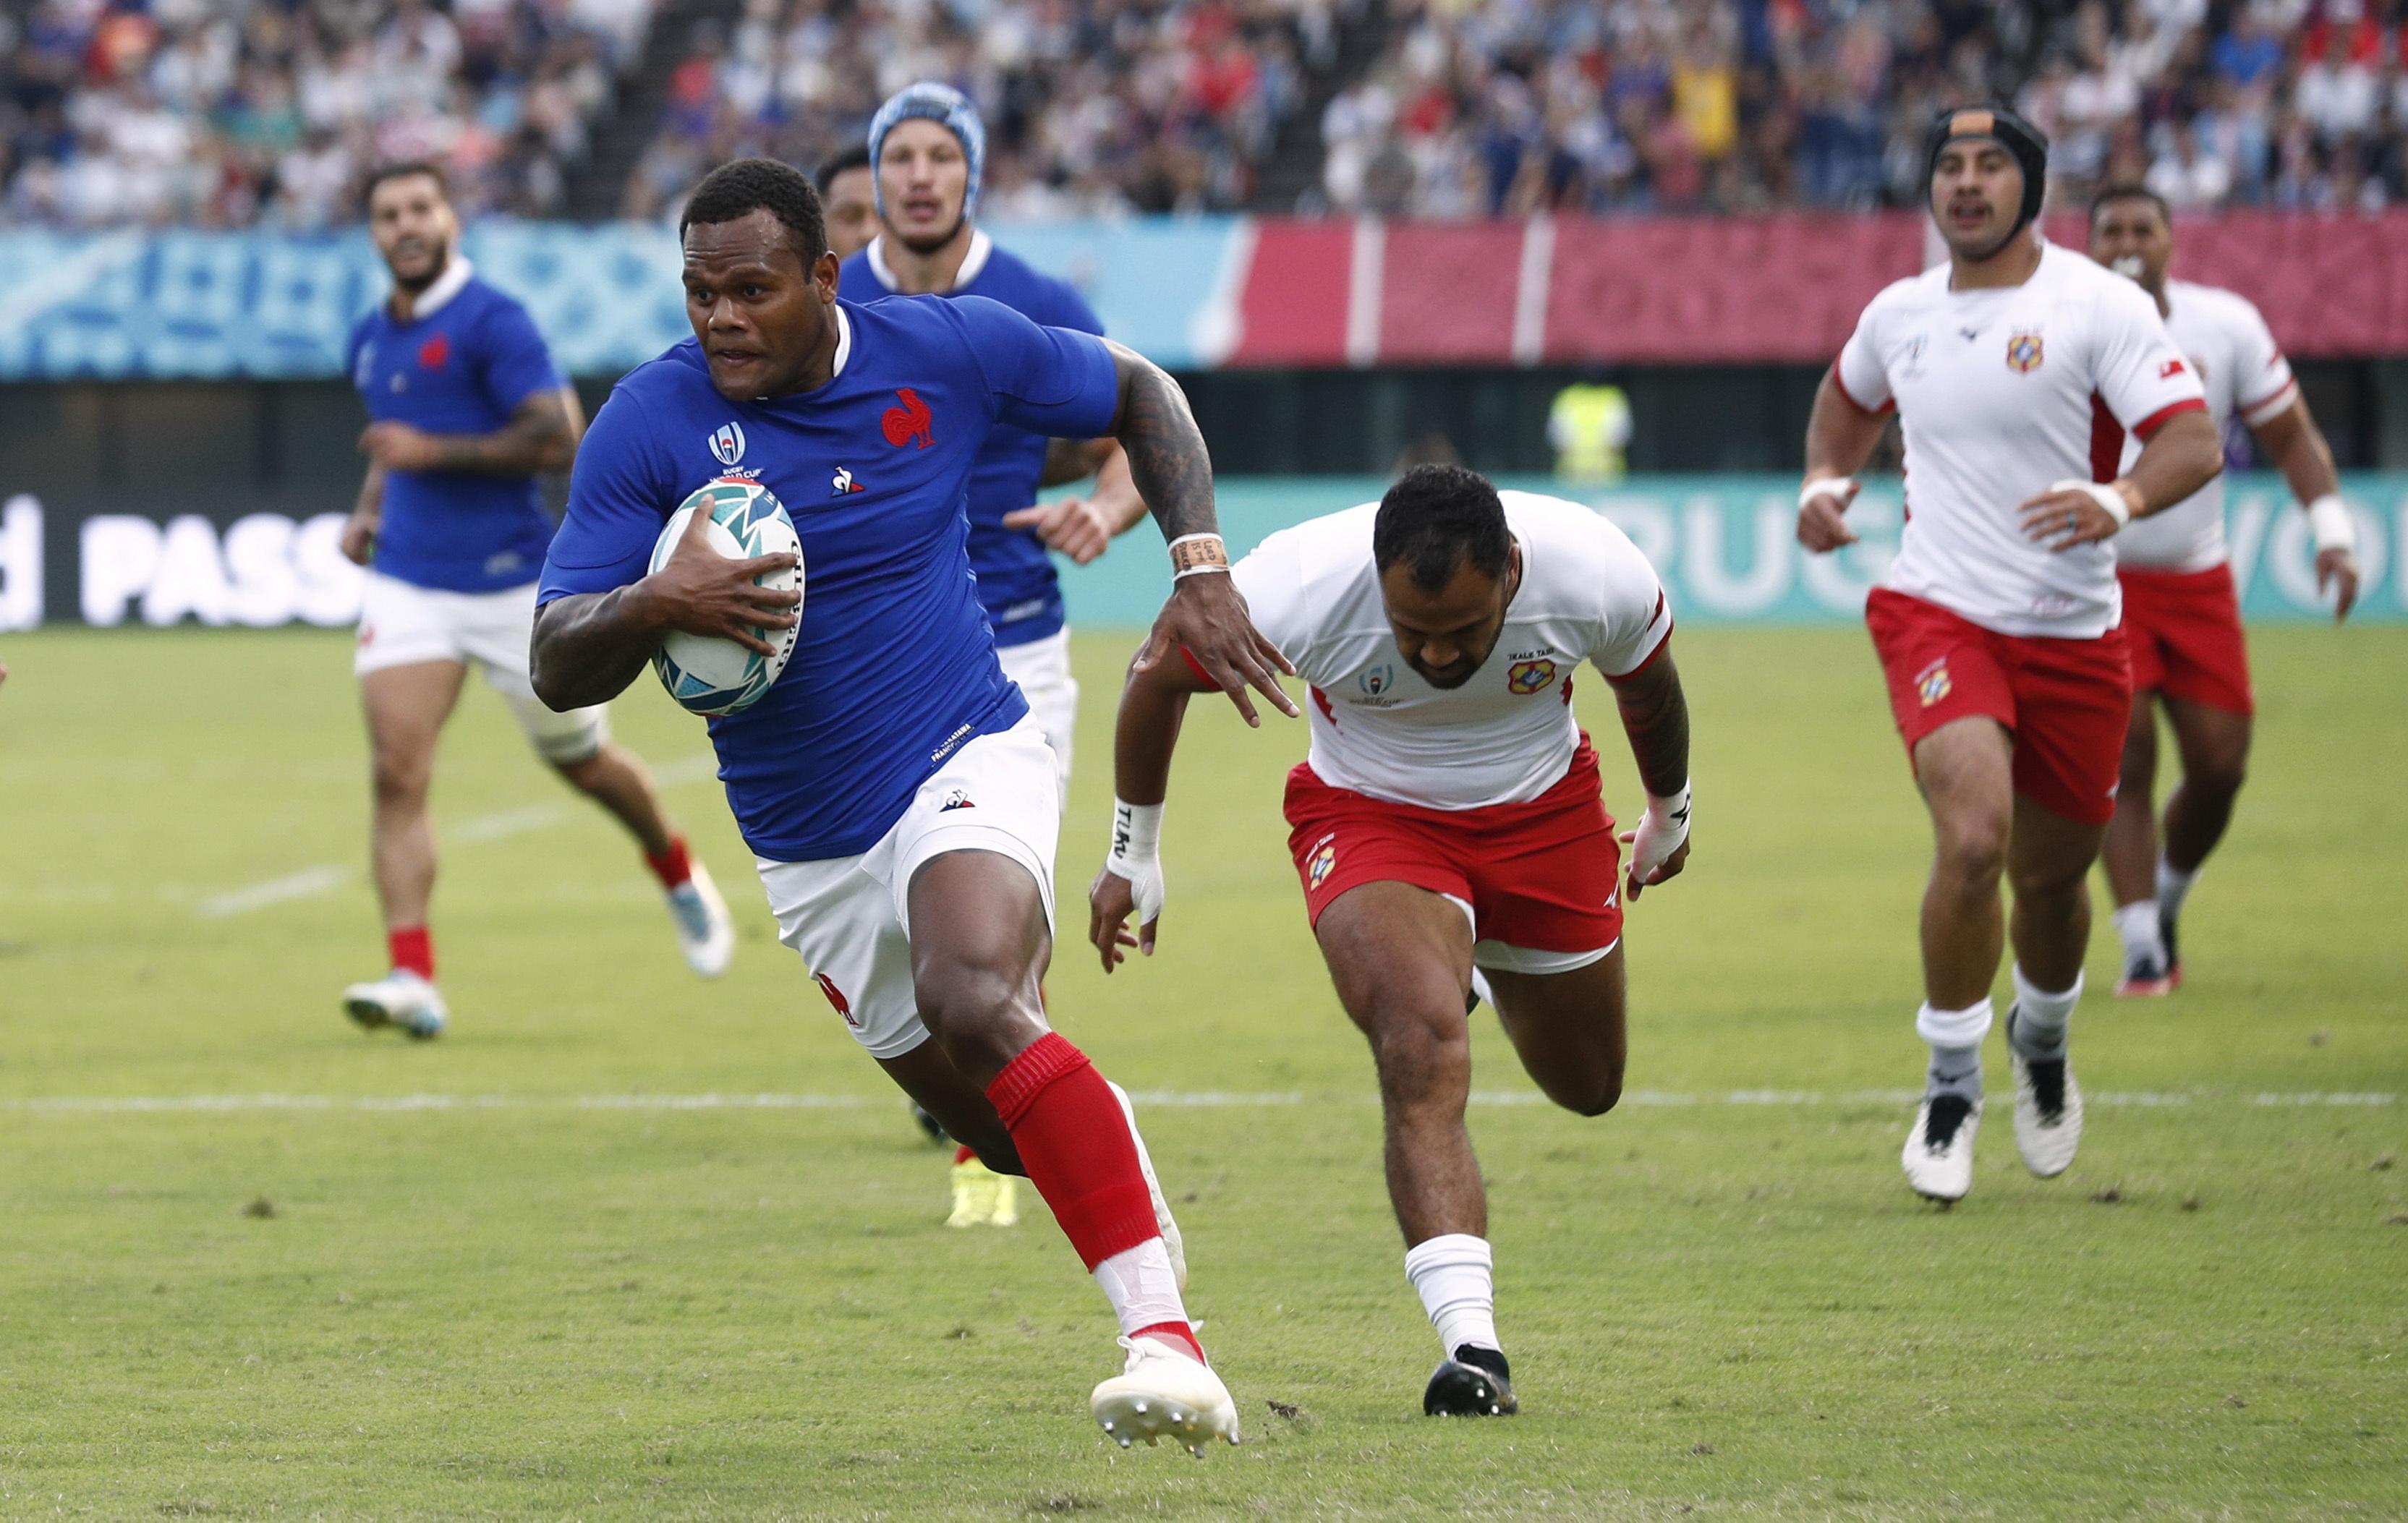 Rugby - Coupe du monde 2019 - Le résumé en vidéo de France-Tonga